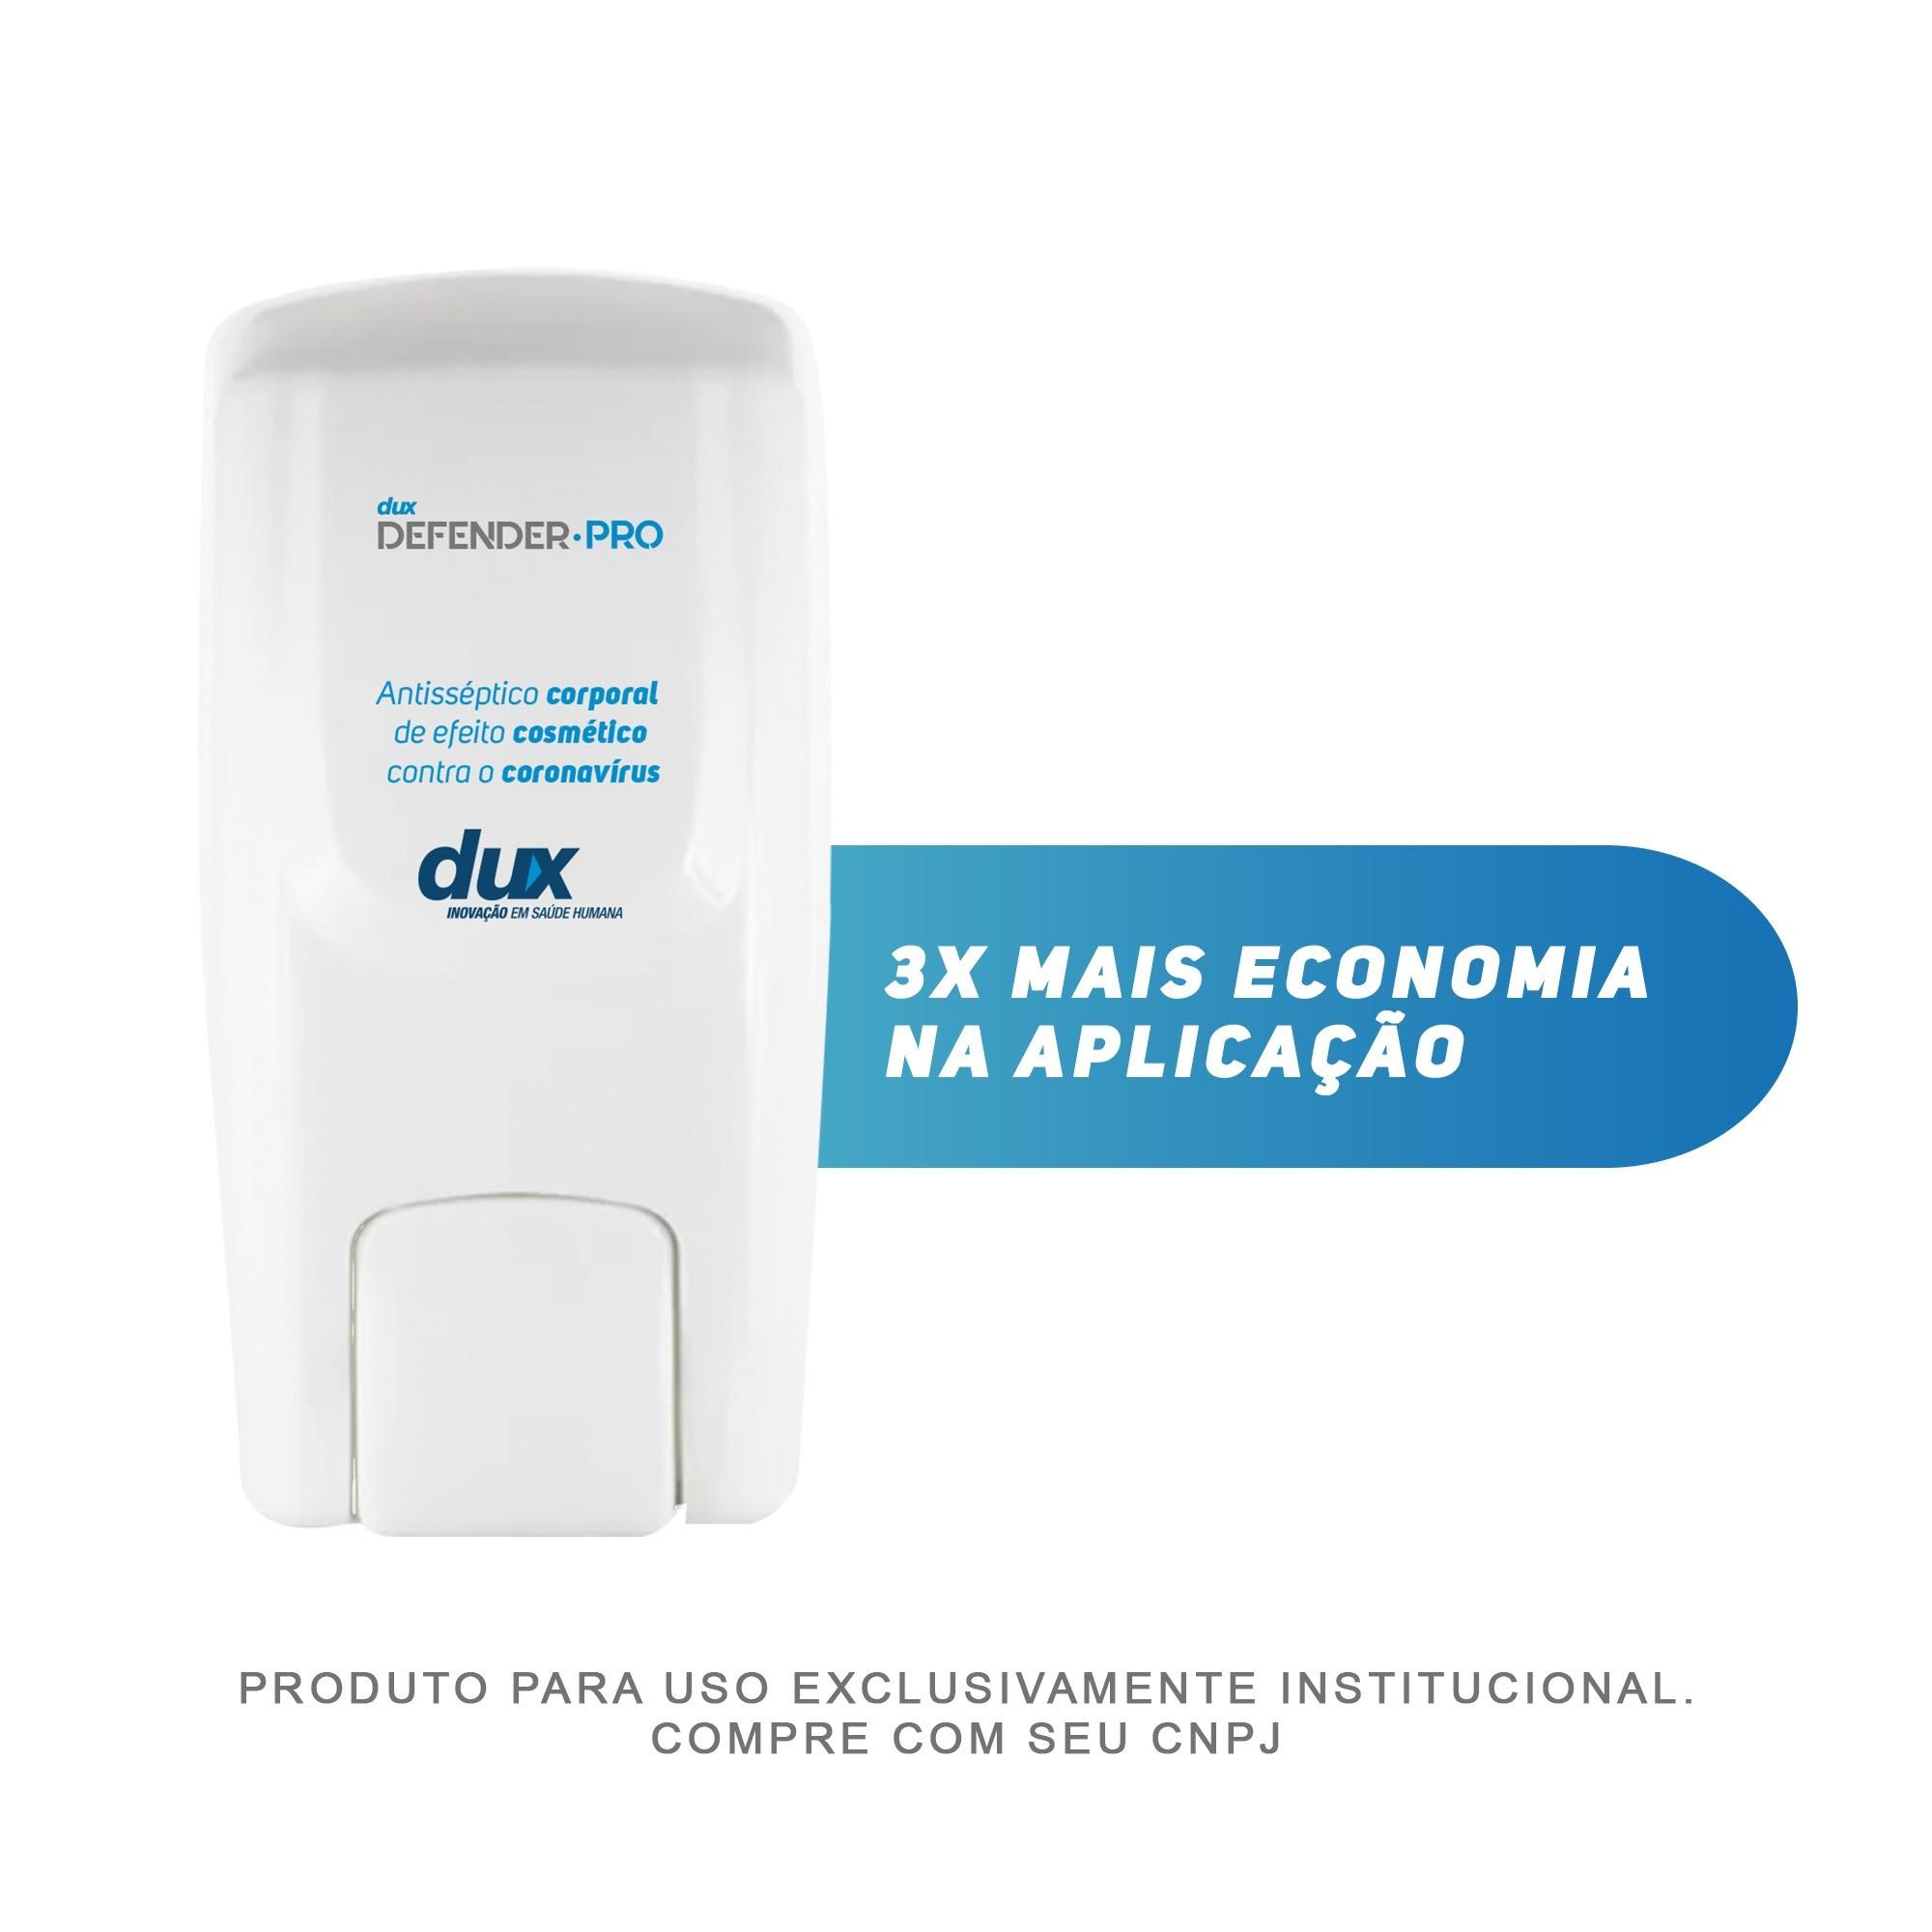 Combo 25 litros de Dux Defender Pro + 3 Dispensers Century